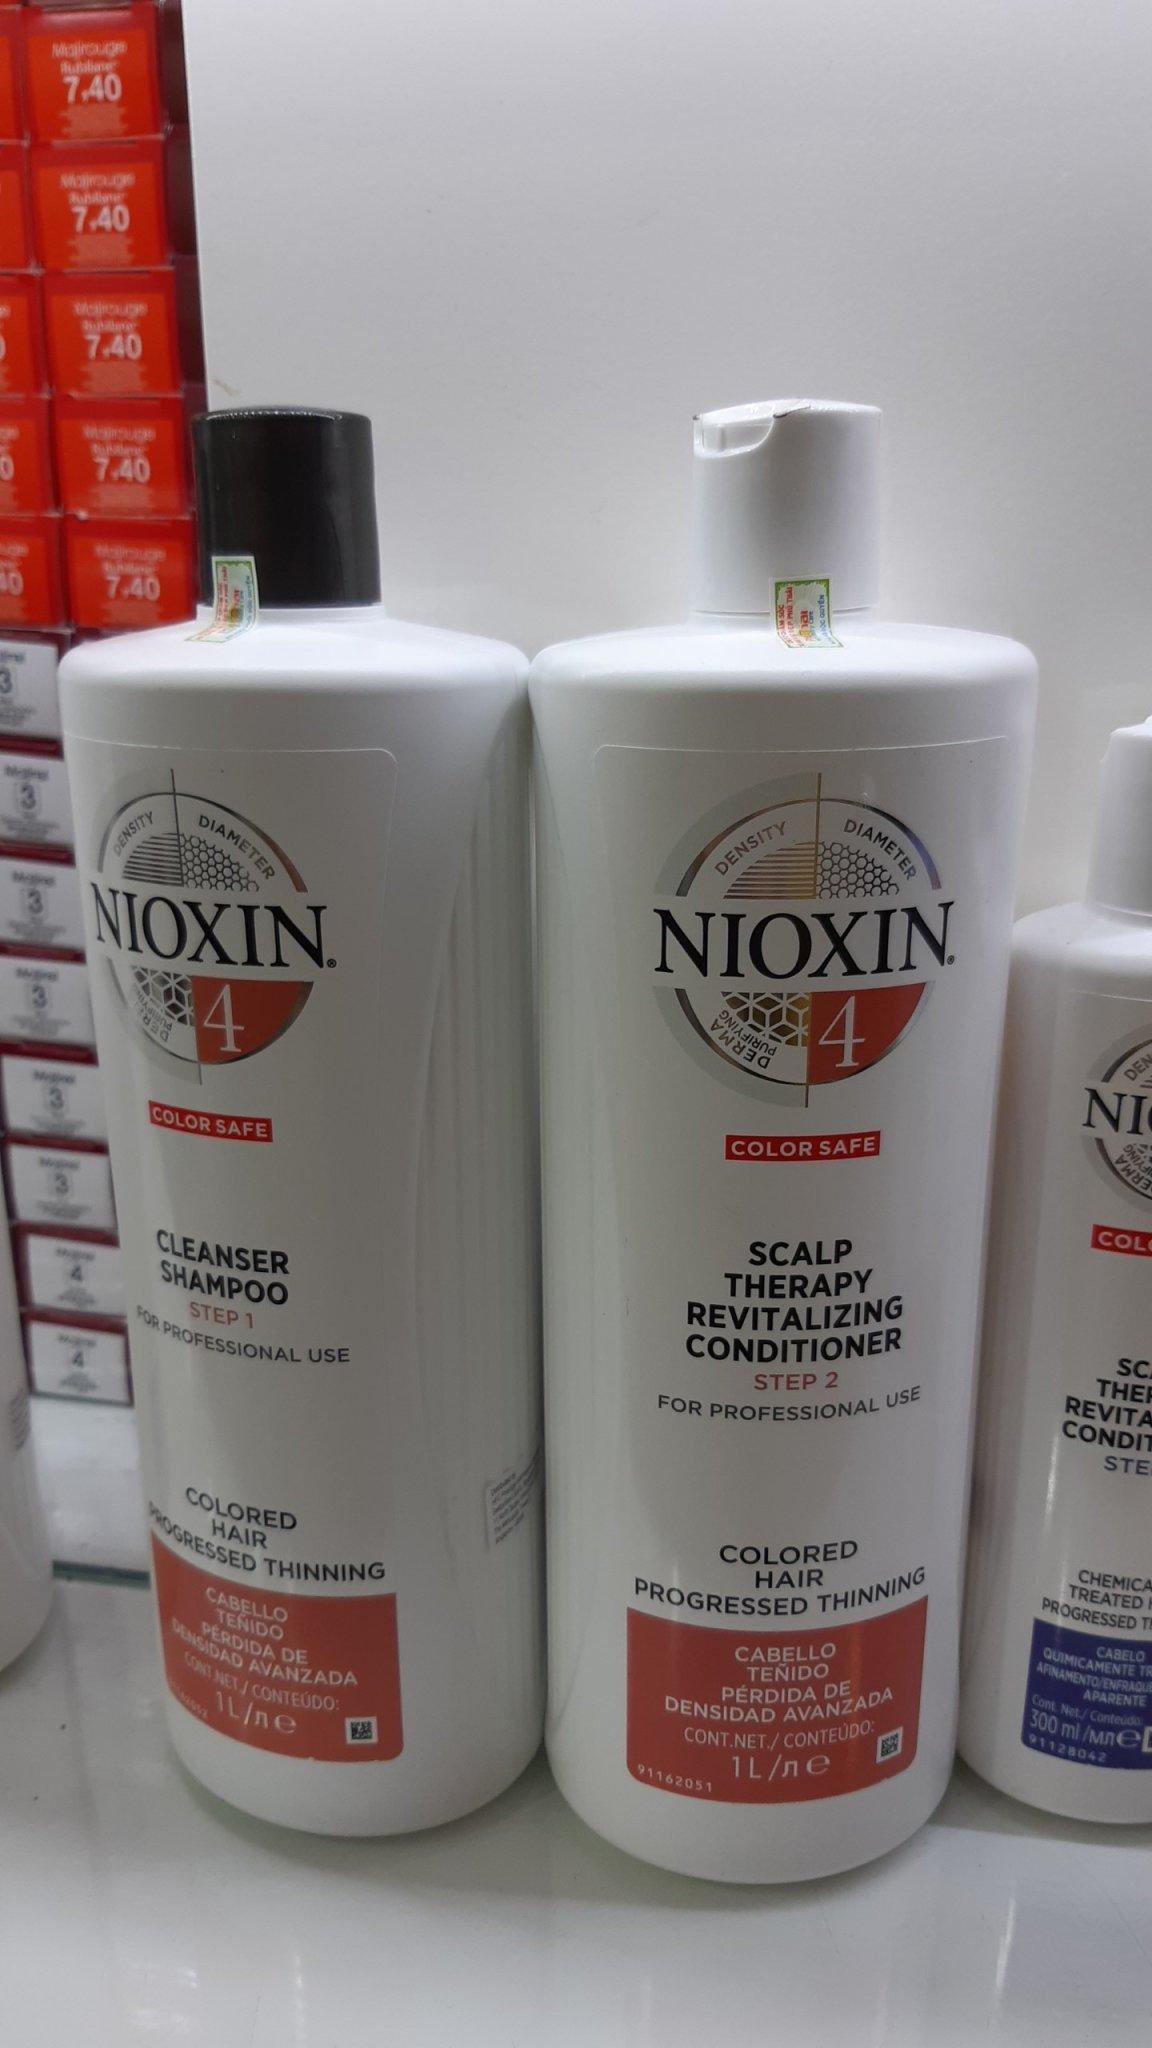 Dầu gội xả chống rụng tóc Nioxin System 4 1000mlx2 ( New 2019) chính hãng